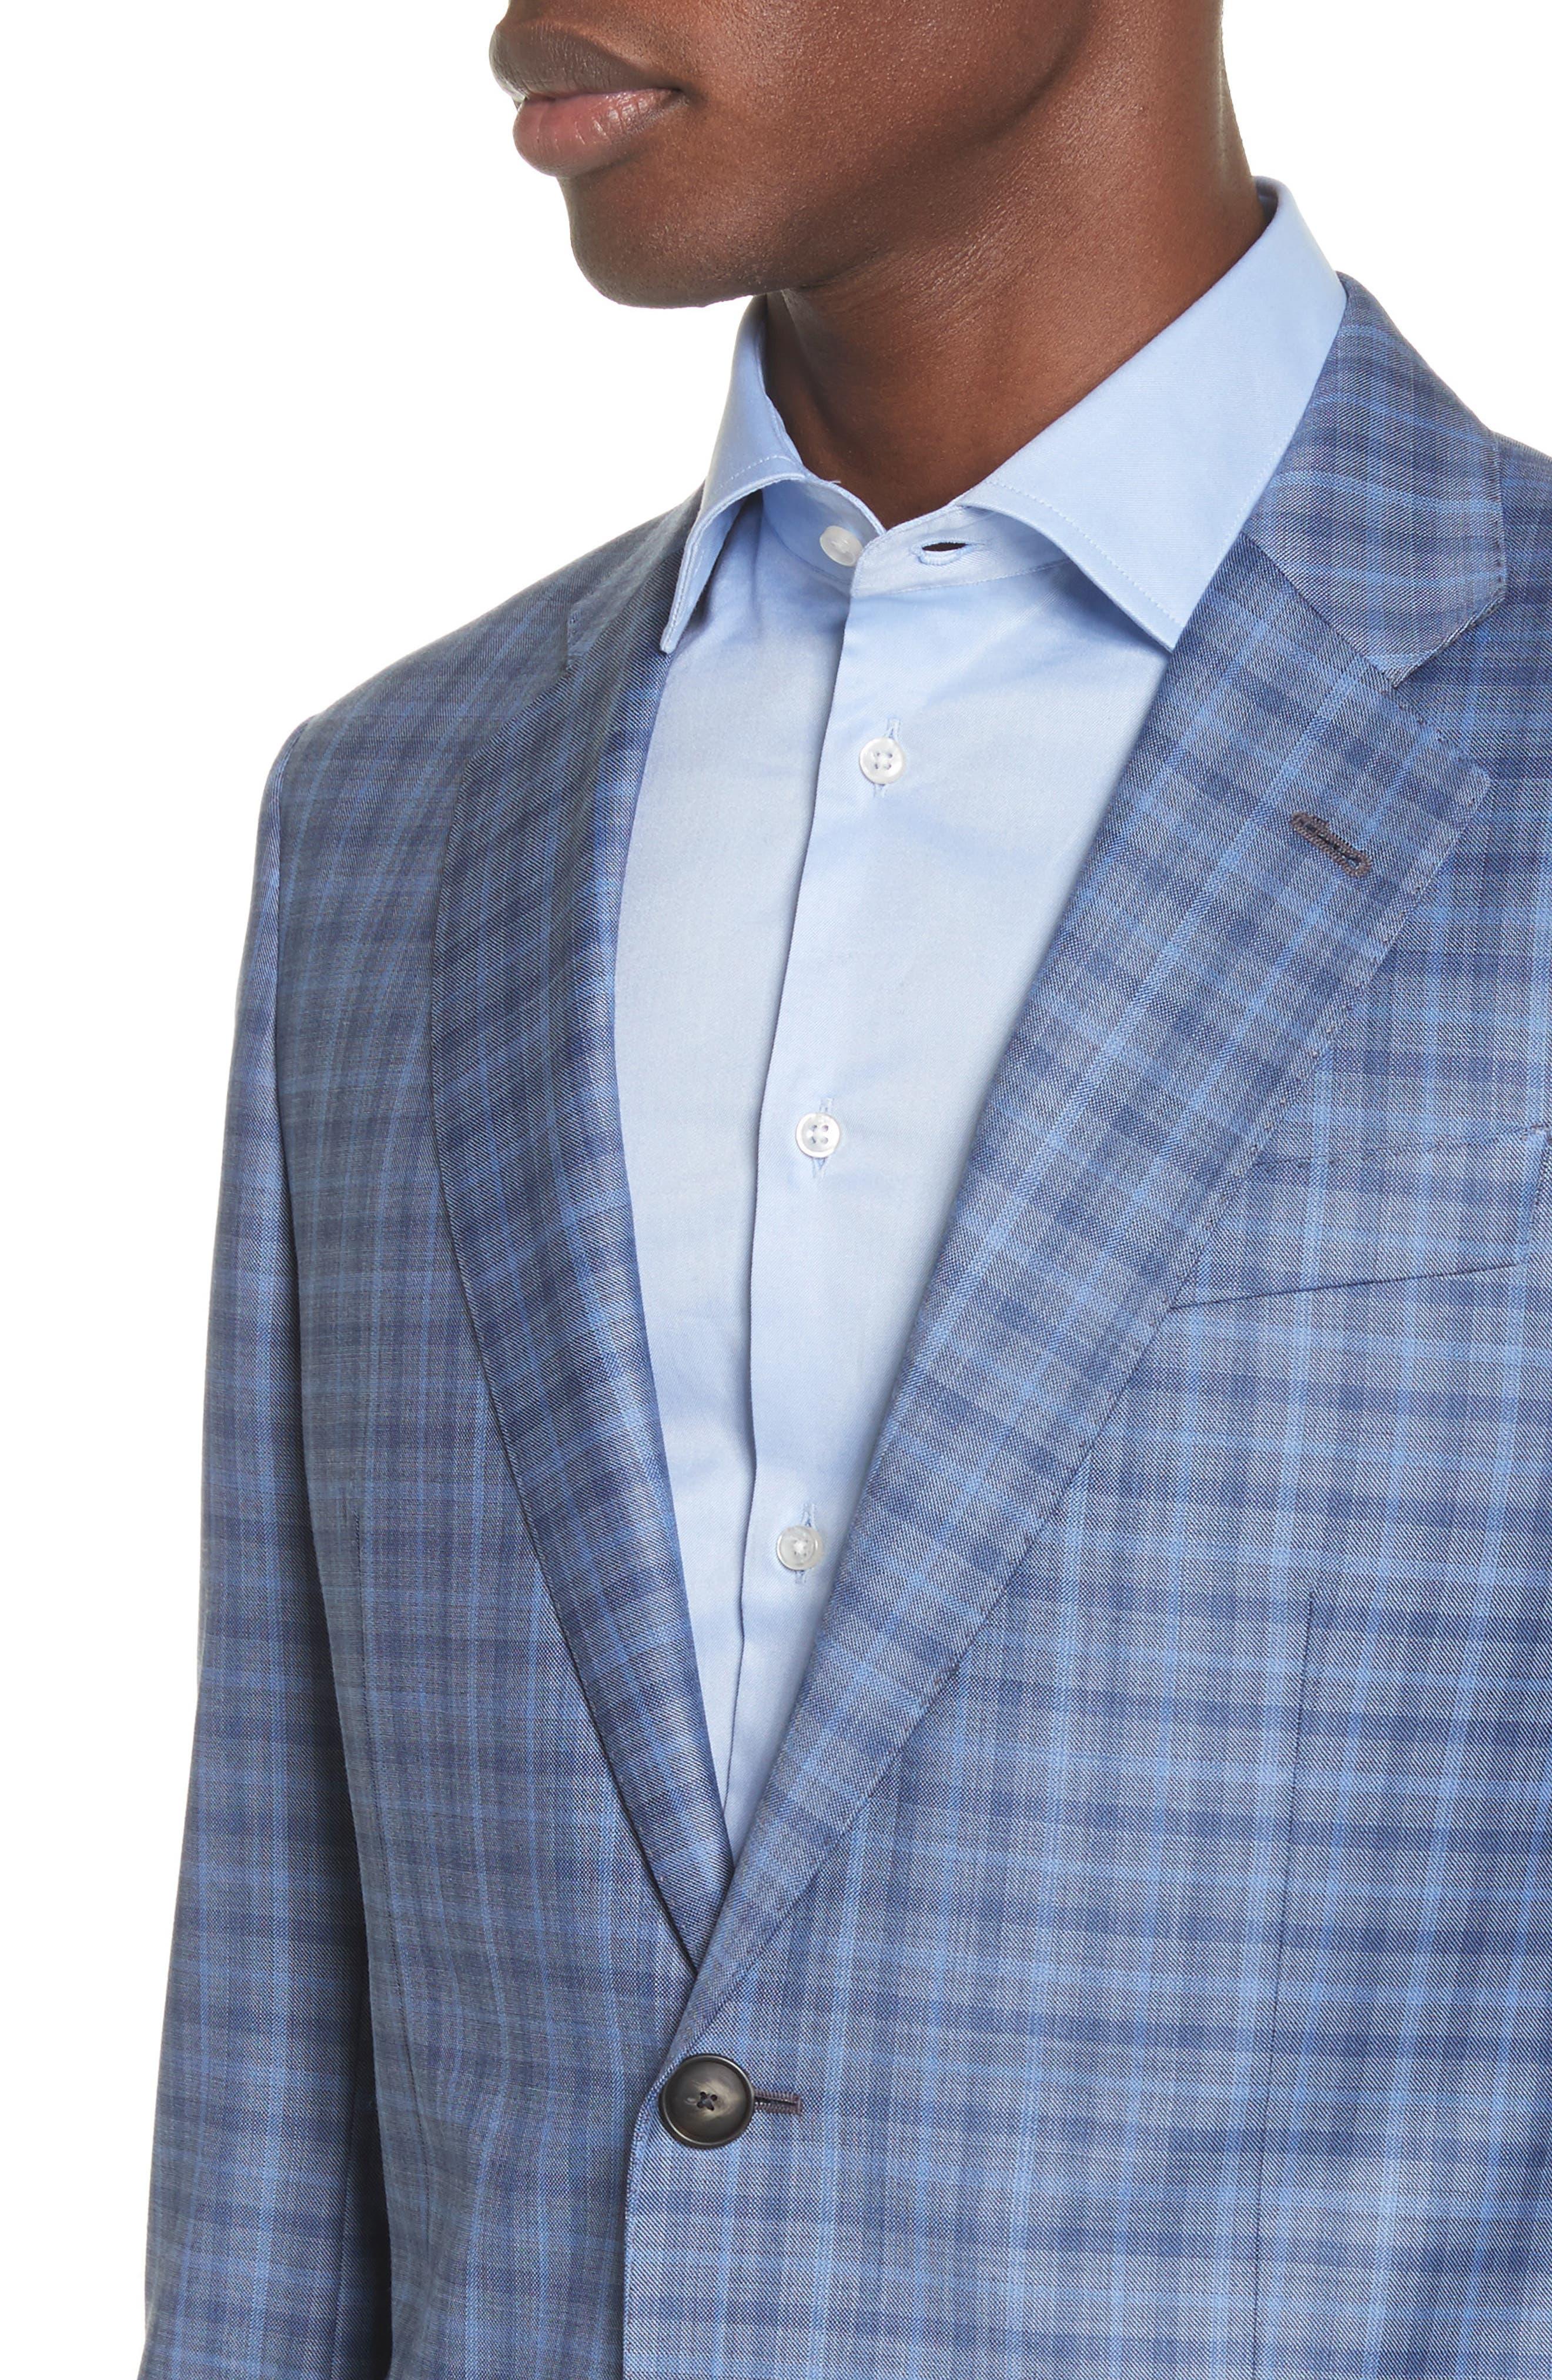 G Line Trim Fit Plaid Wool Sport Coat,                             Alternate thumbnail 4, color,                             Navy